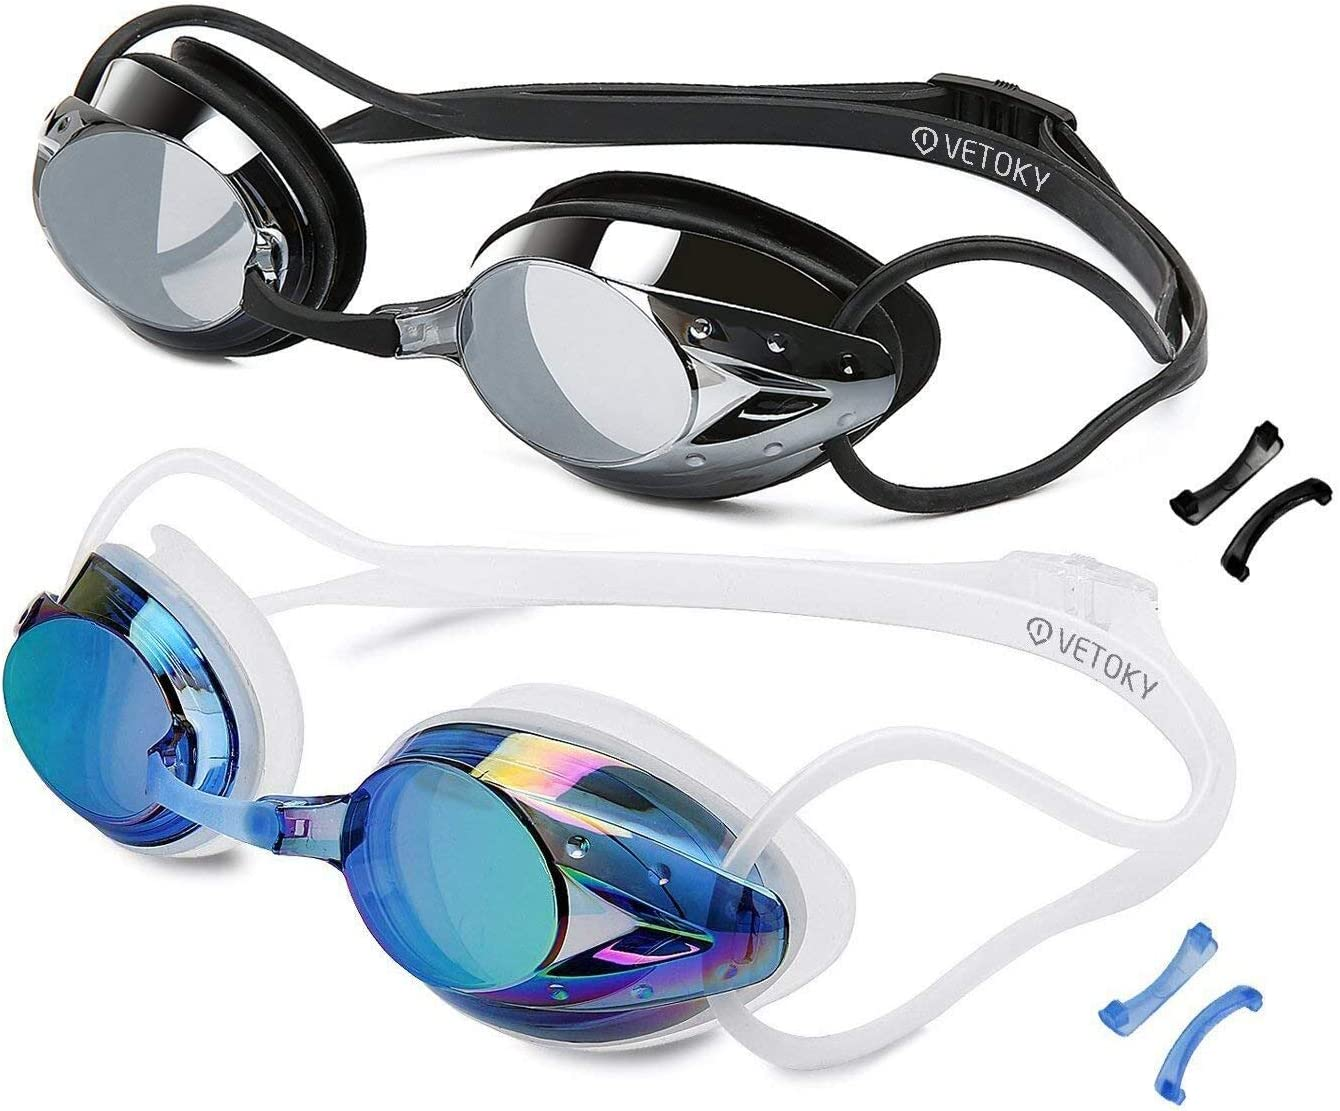 VETOKY Gafas de Natación, Antiniebla Gafas para Nadar Protección UV sin Fugas para Adultos Y Niños